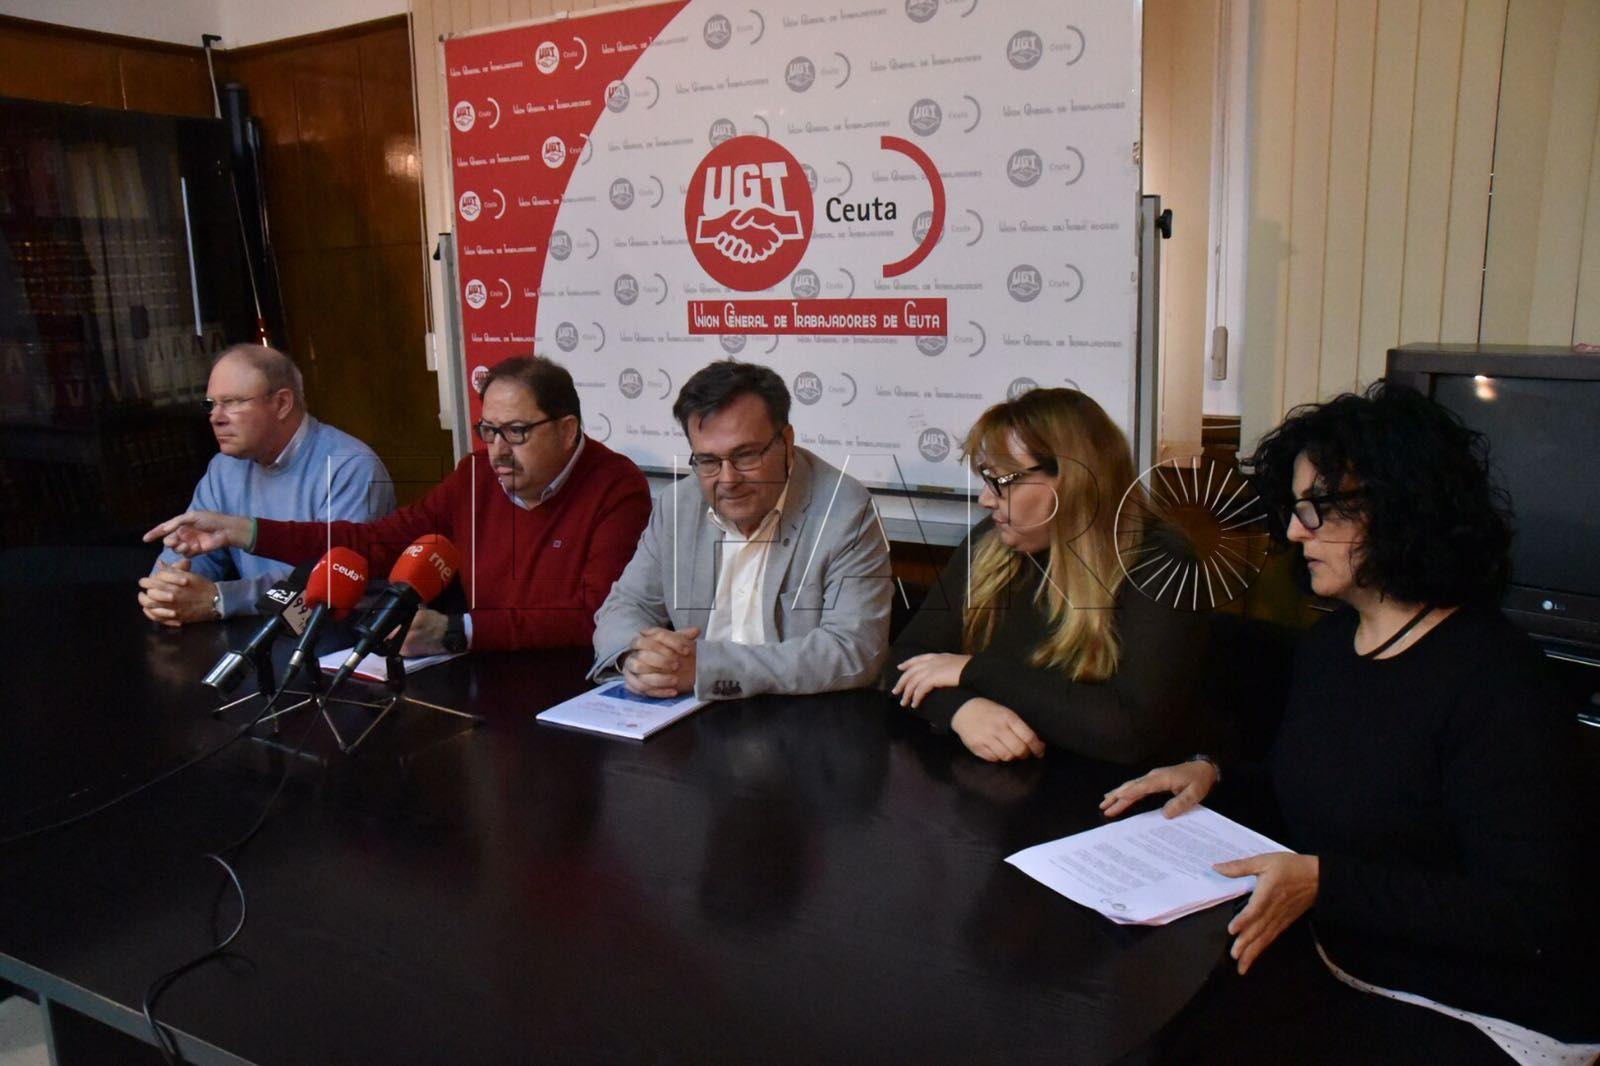 UGT Ceuta y Melilla exigen más competencias para ambas ciudades